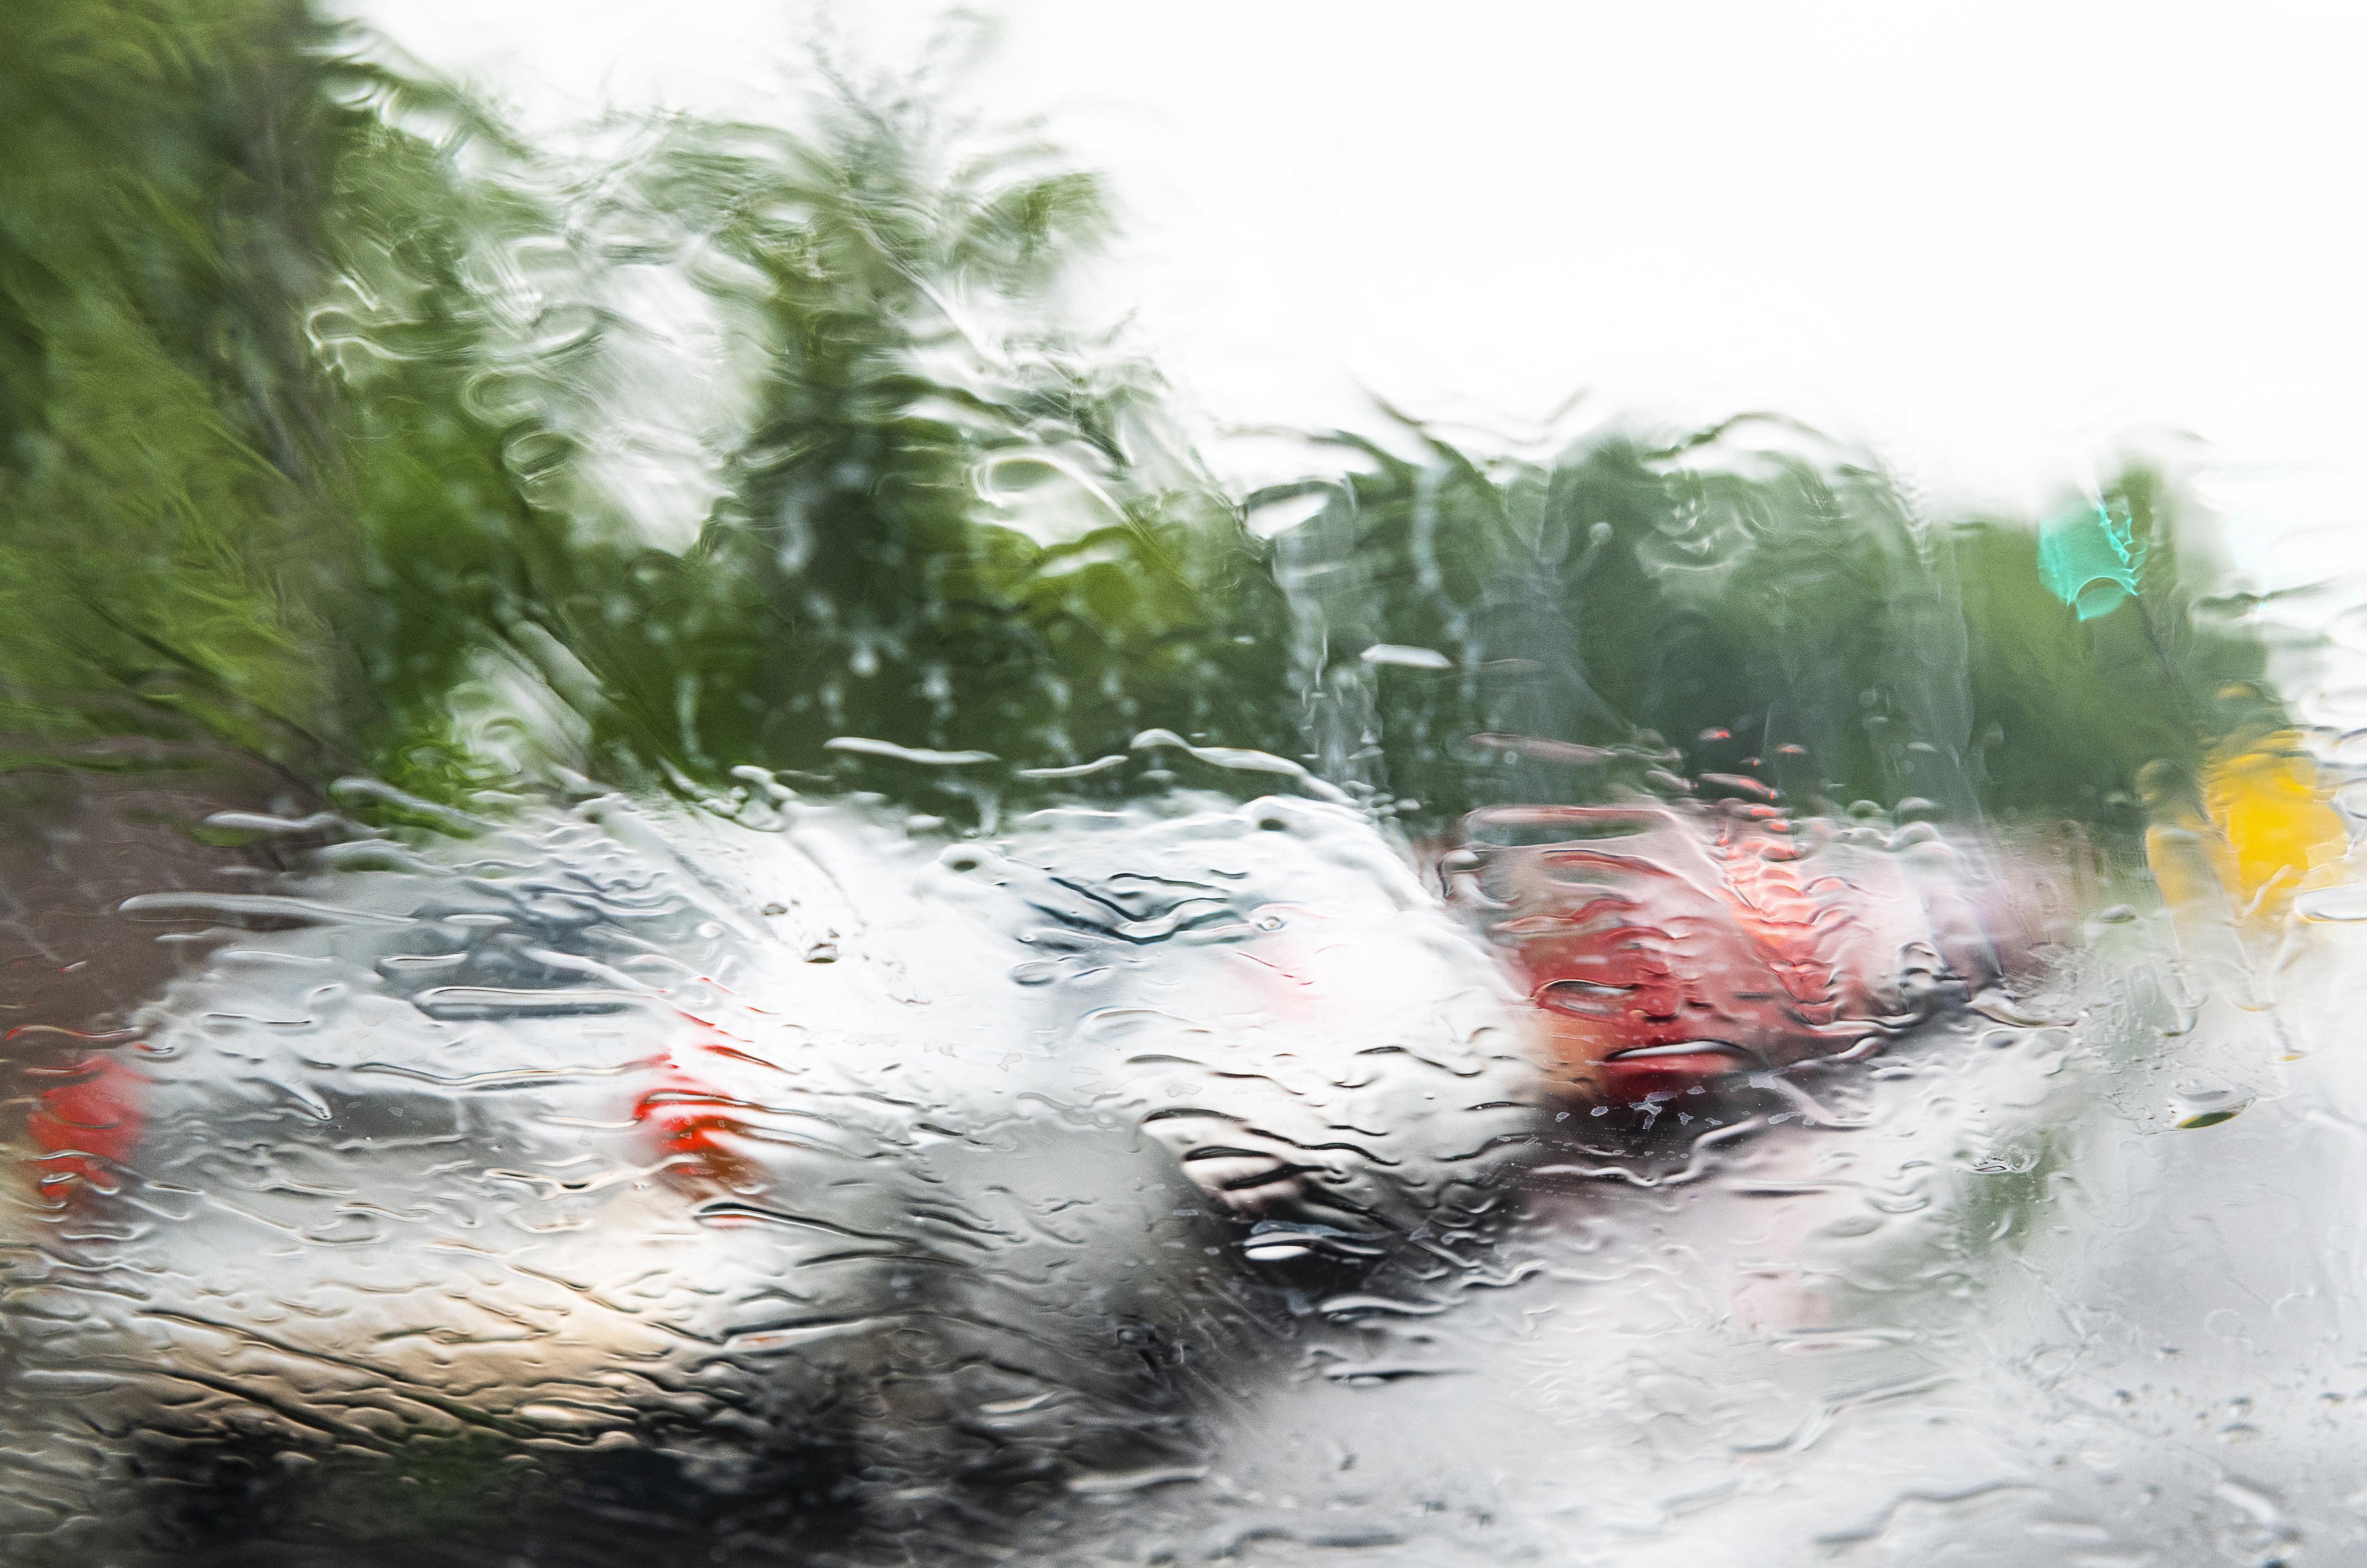 Felhőszakadások és villámárvíz csaphat le ma ránk